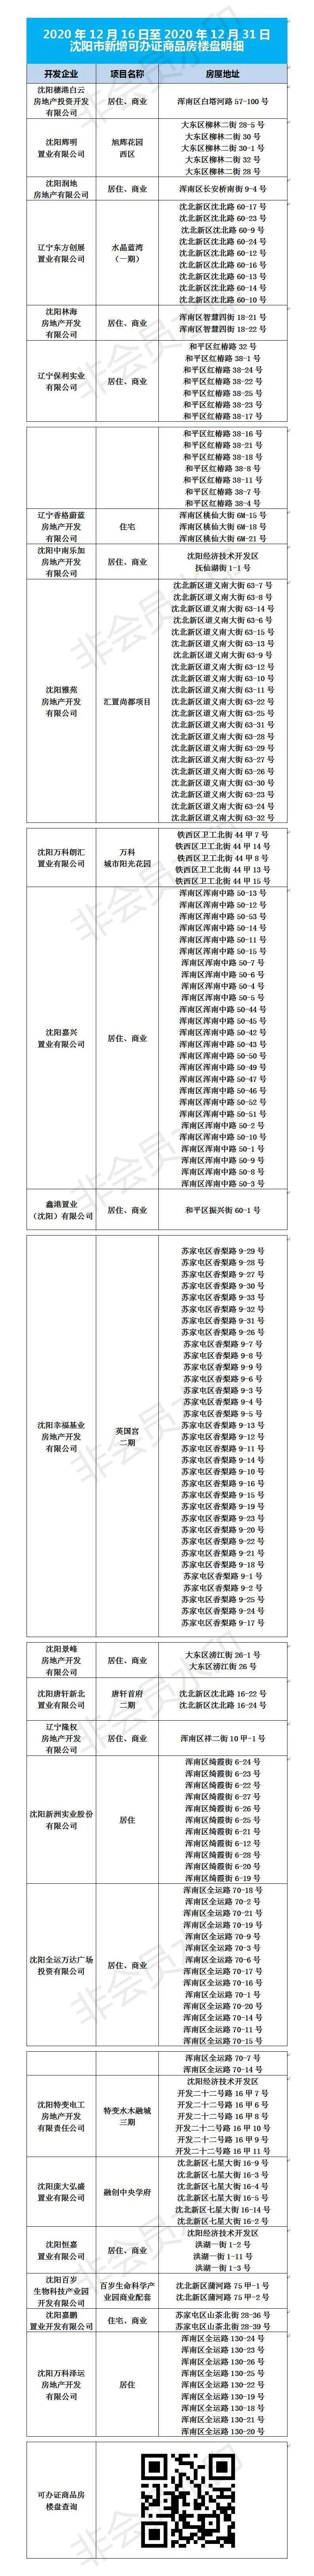 12月16日至31日 沈阳可办房证楼盘名单